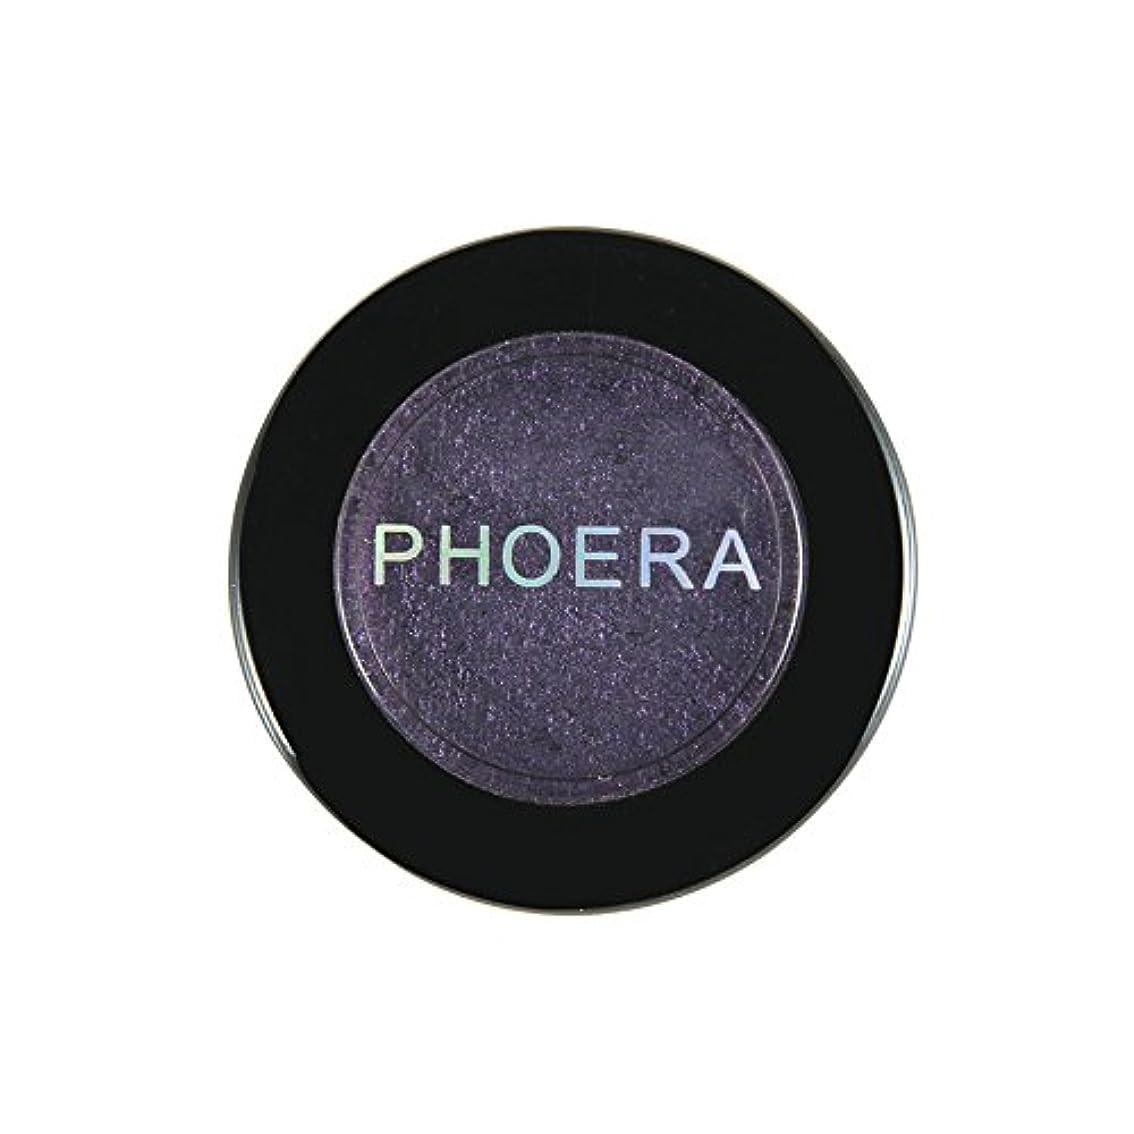 嫌なにじみ出るドアミラーAkane アイシャドウパレット PHOERA 人気 ファッション 魅力的 マッシュポテト 単なる 一つだけ 綺麗 チャーム 長持ち おしゃれ 持ち便利 日常 仕事 Eye Shadow (4色)